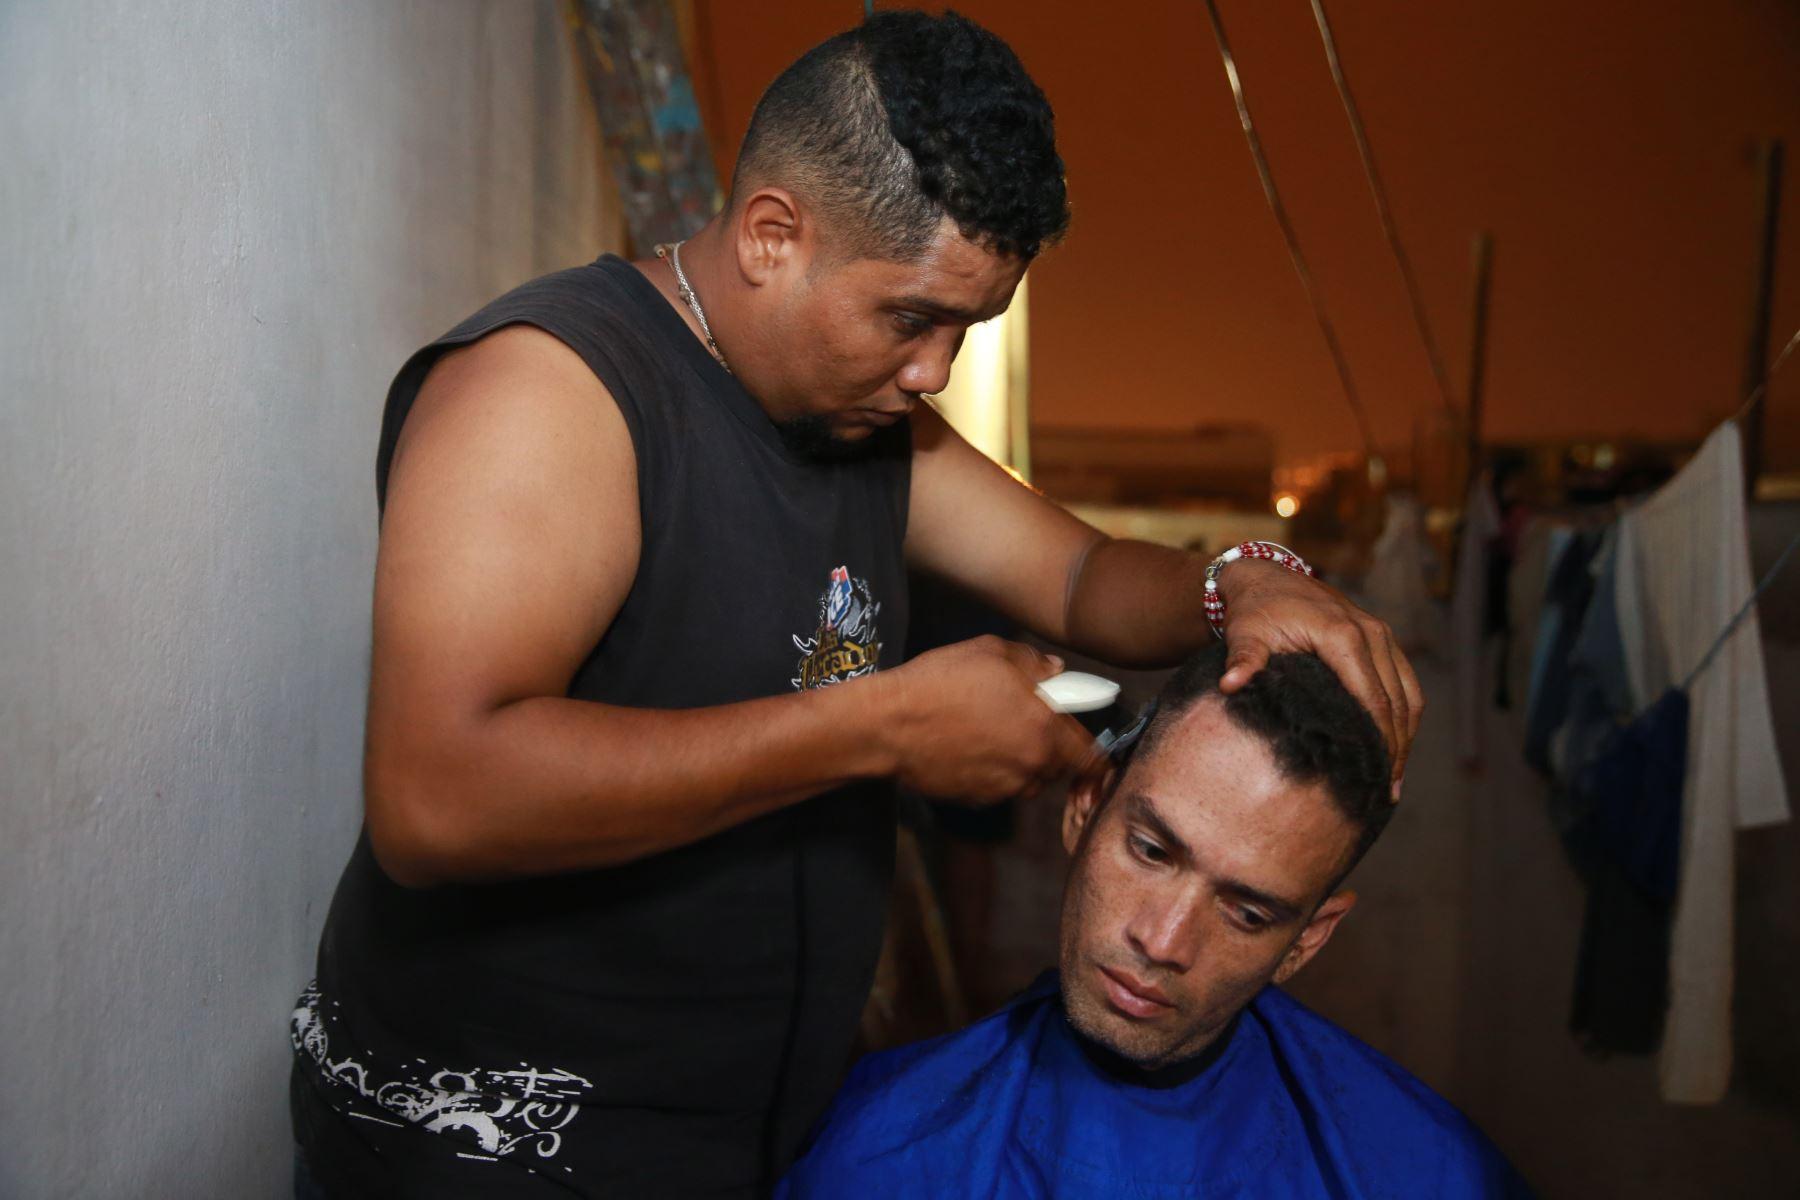 Algunos ofrecen servicios de corte de pelo como una manera de ayudarse económicamente. Foto: ANDINA/Vidal Tarqui